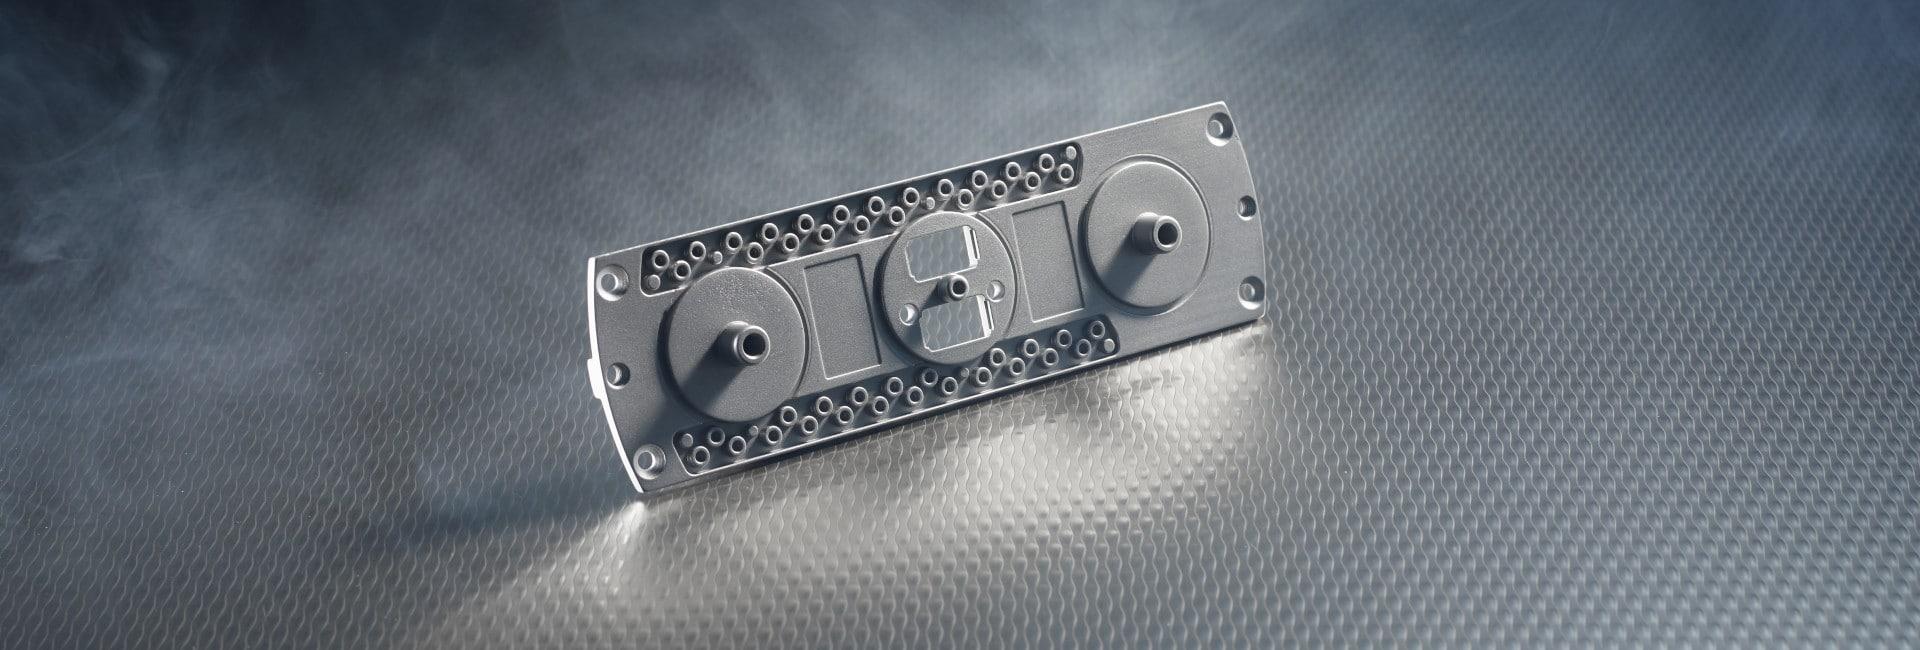 Metallguss Prototypen